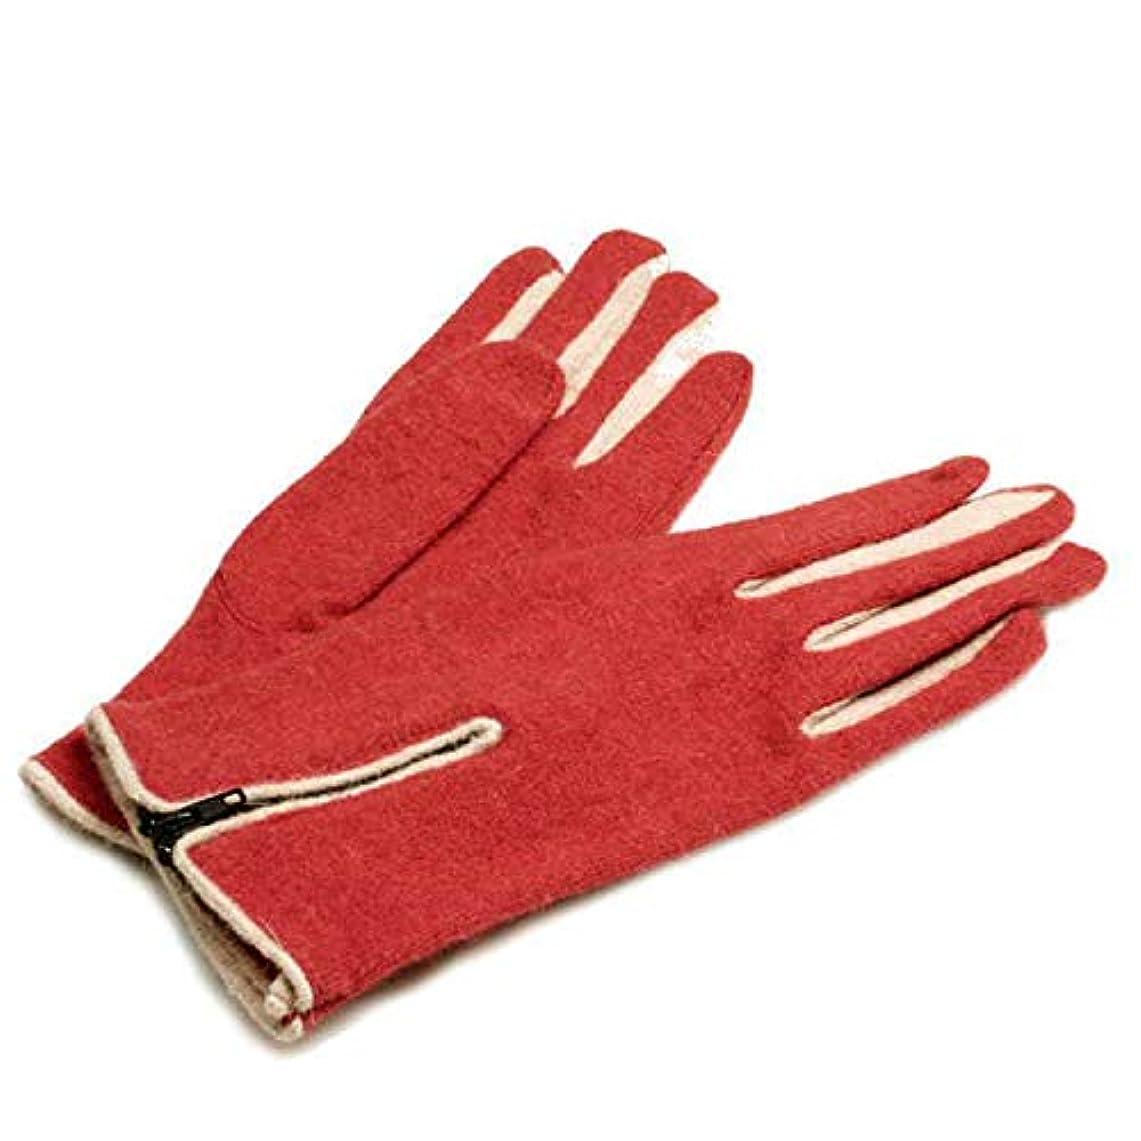 ブームかなりの有名人秋と冬レディースフィンガー手袋ショートセクション厚手のウール手袋乗馬ウォーム手袋を運転する